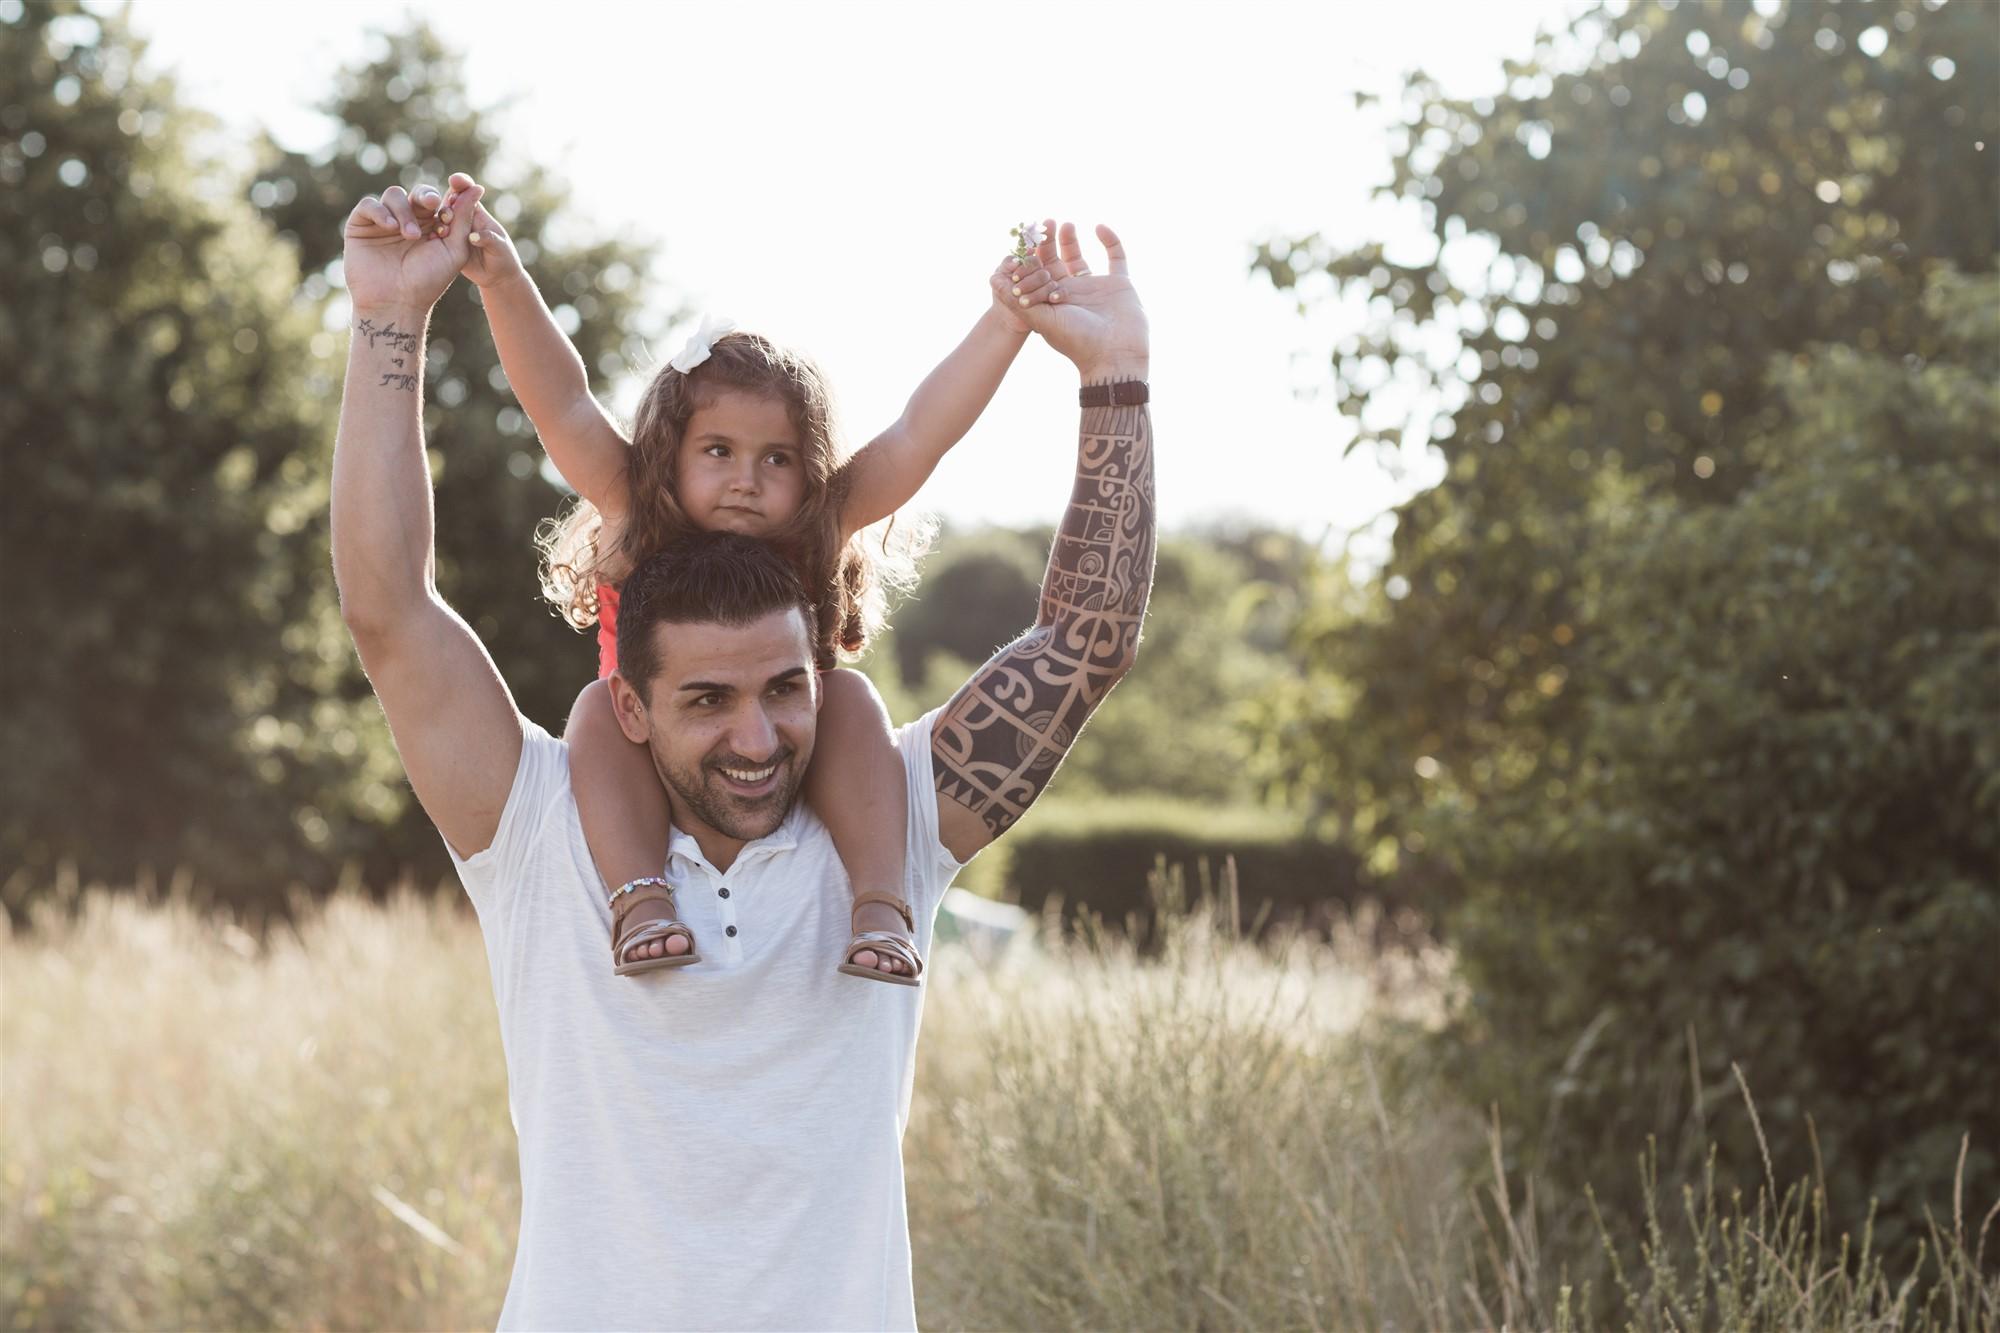 Der Papa mit seiner süssen Tochter beim Fotoshooting in der Natur